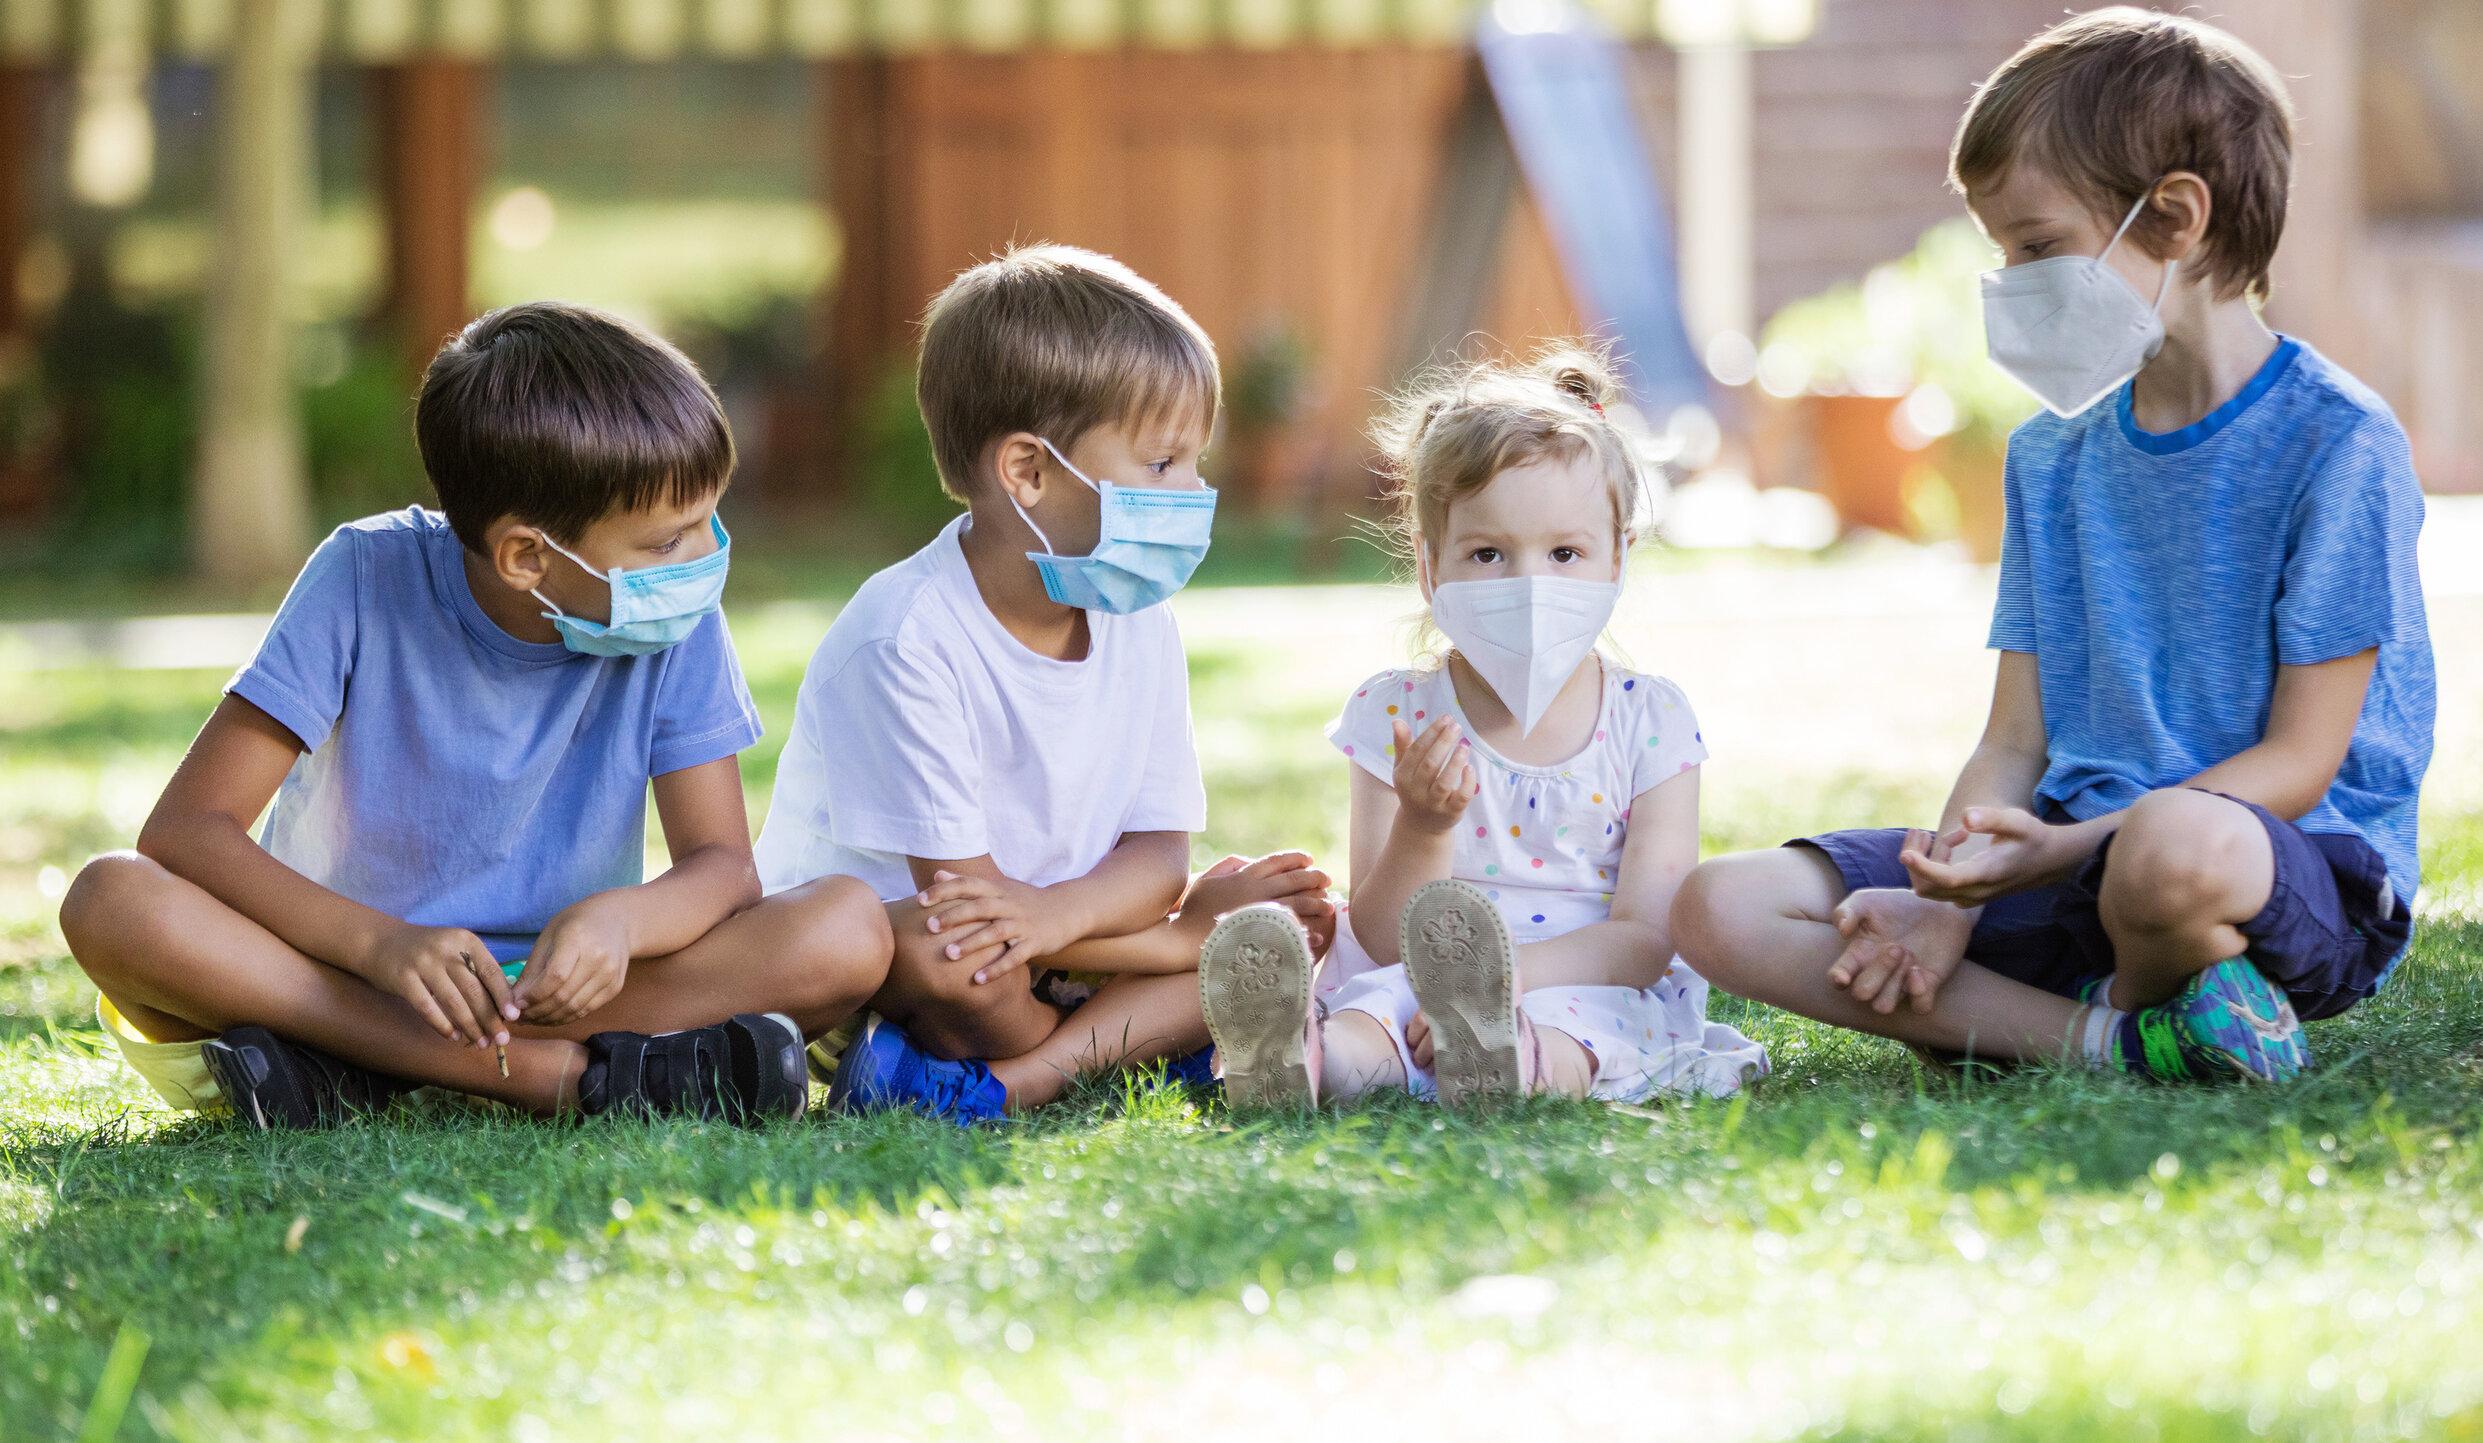 """Copiii sub 10 ani au cele mai mari niveluri de anticorpi anti-Covid. """"Dublu față de adolescenți"""""""